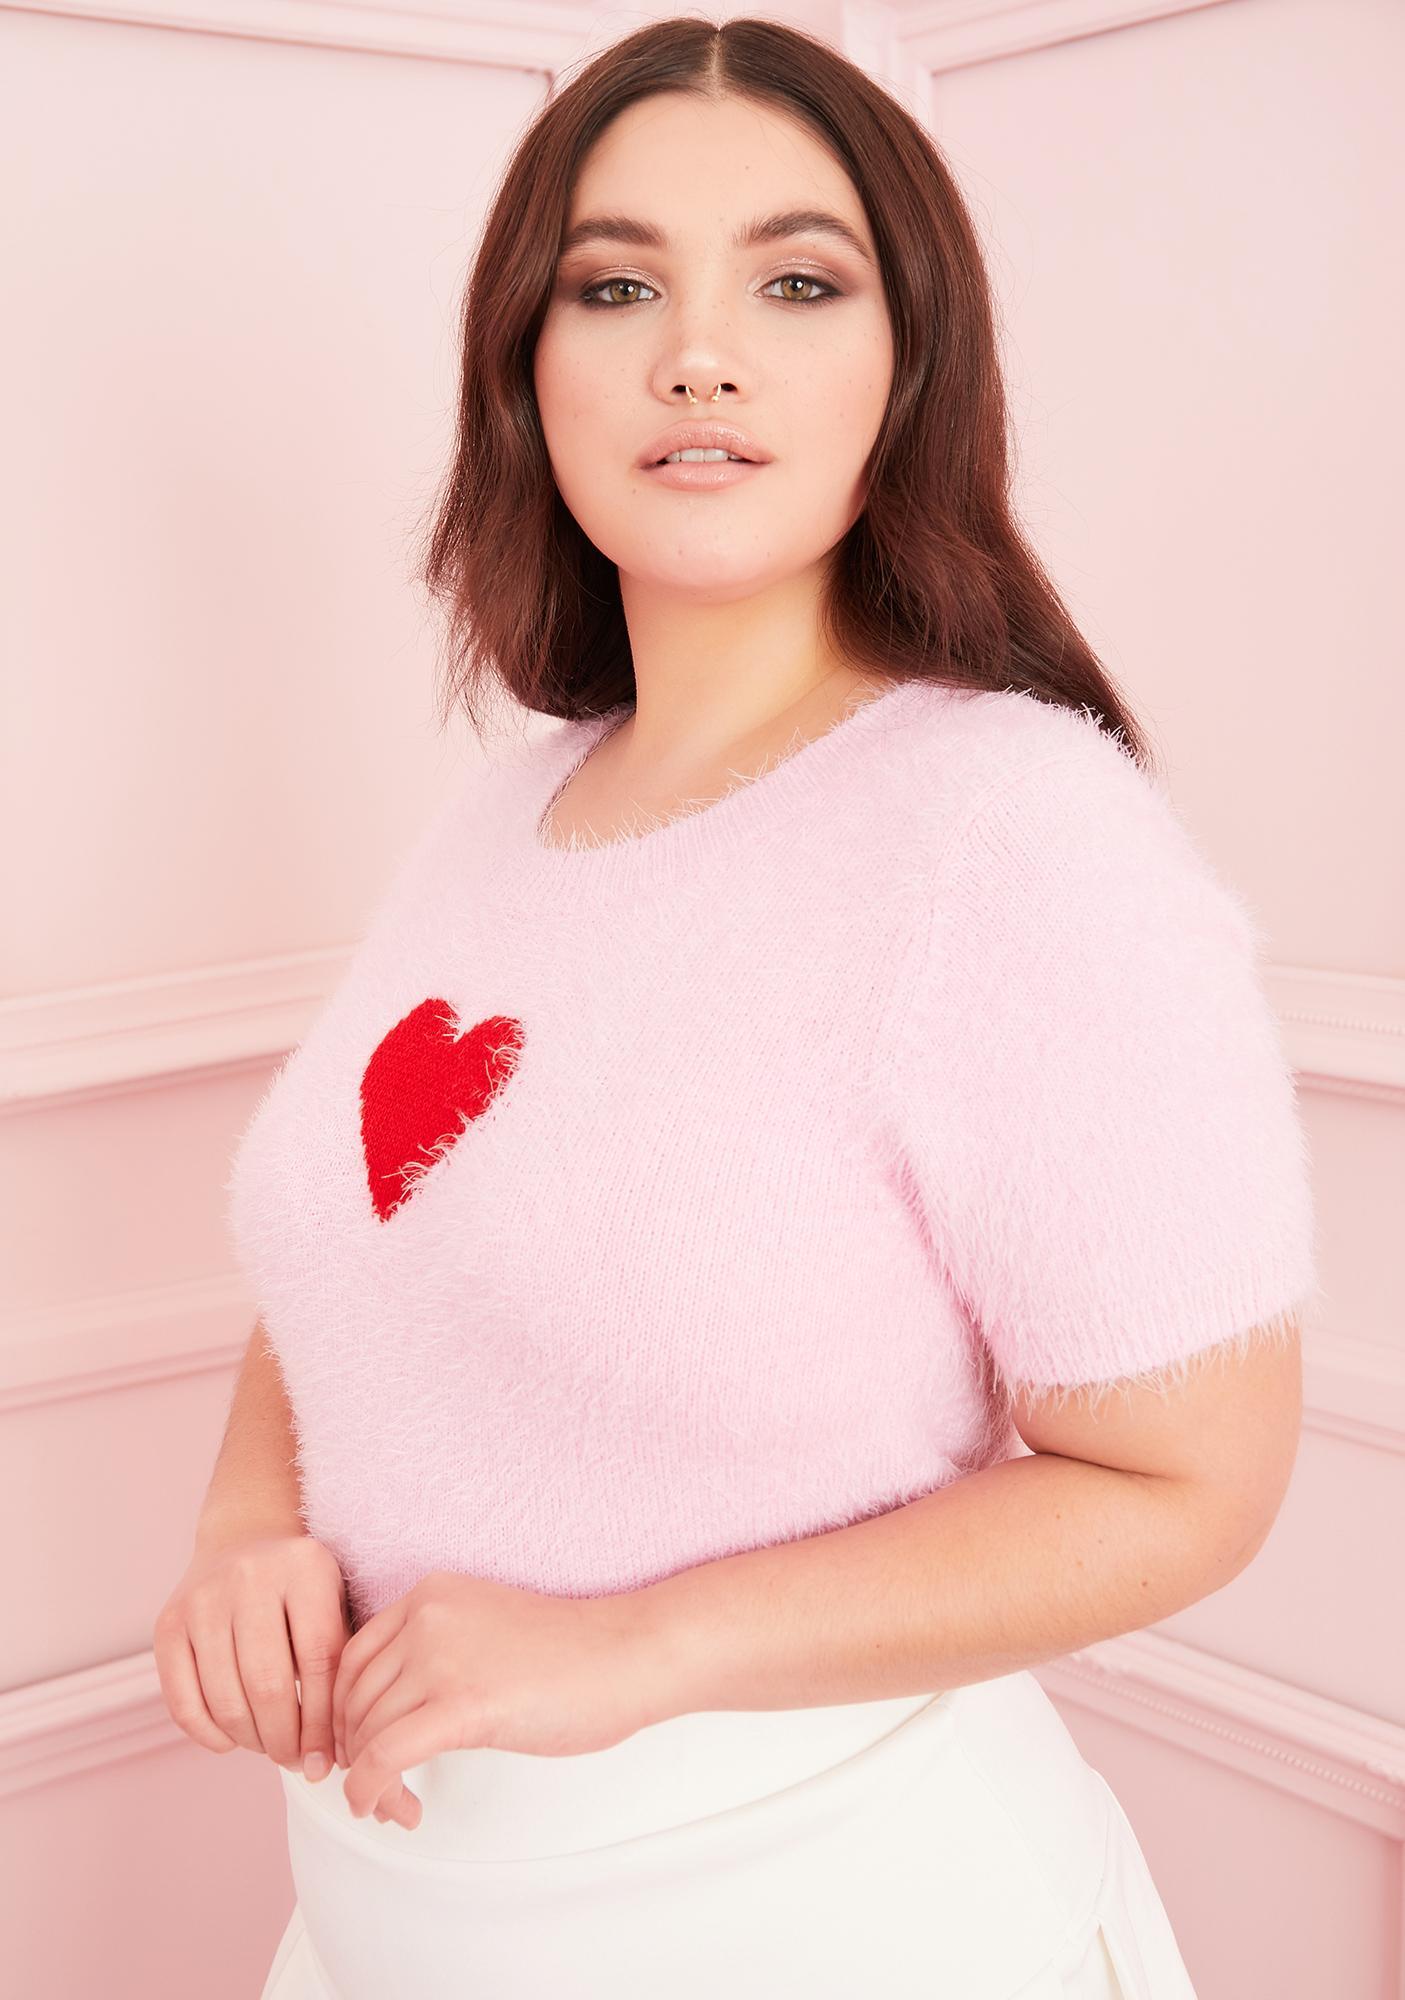 Sugar Thrillz Pretty Love Letters Heart Sweater